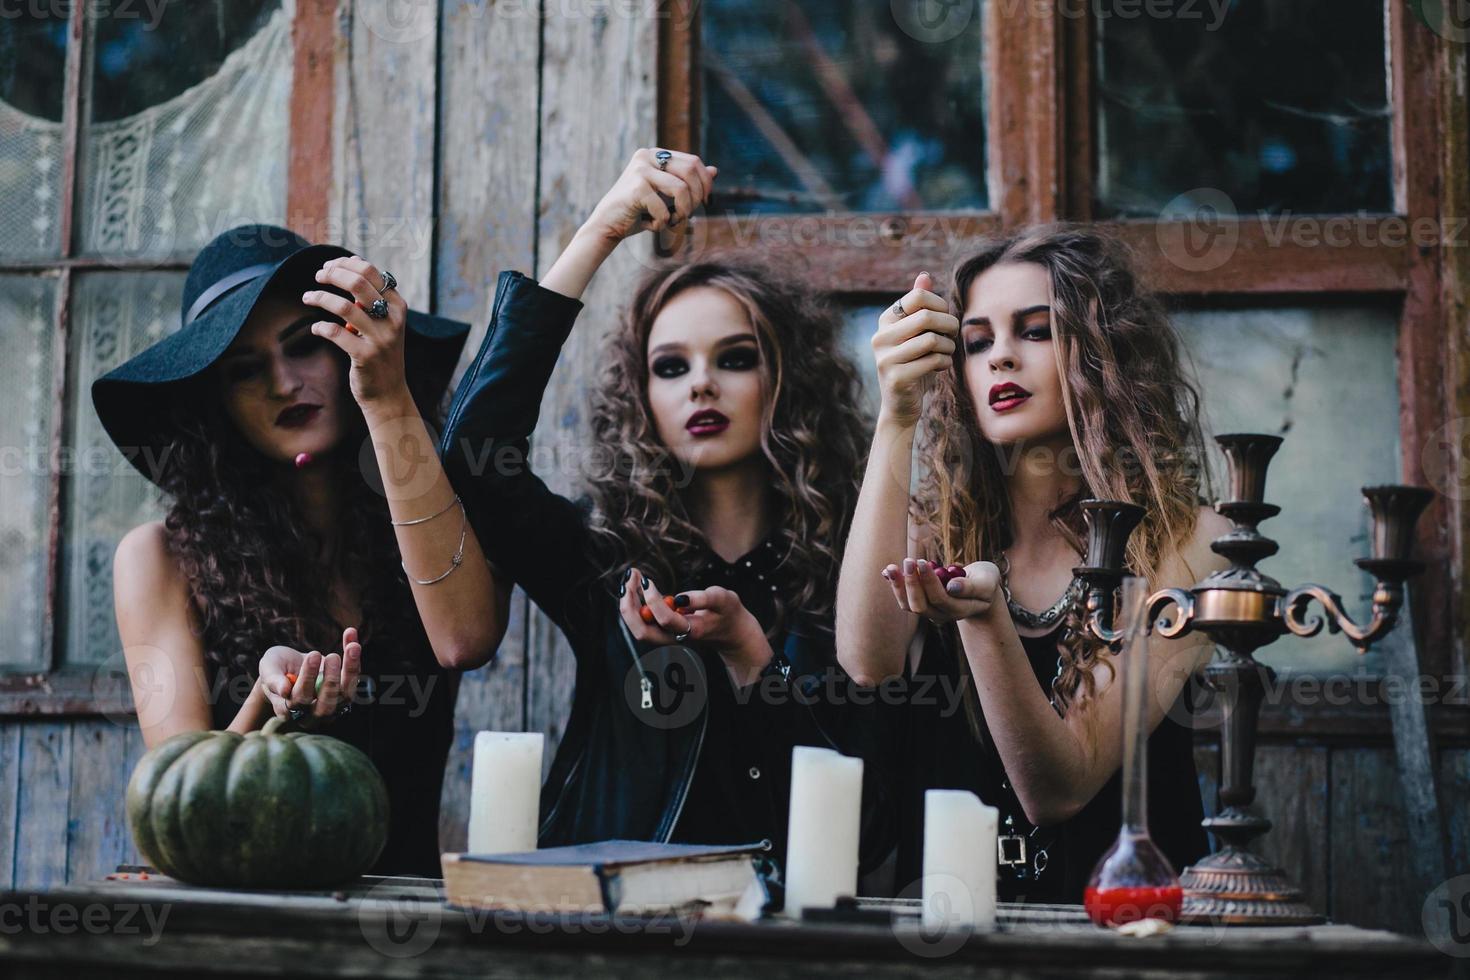 trois sorcières vintage effectuent un rituel magique photo